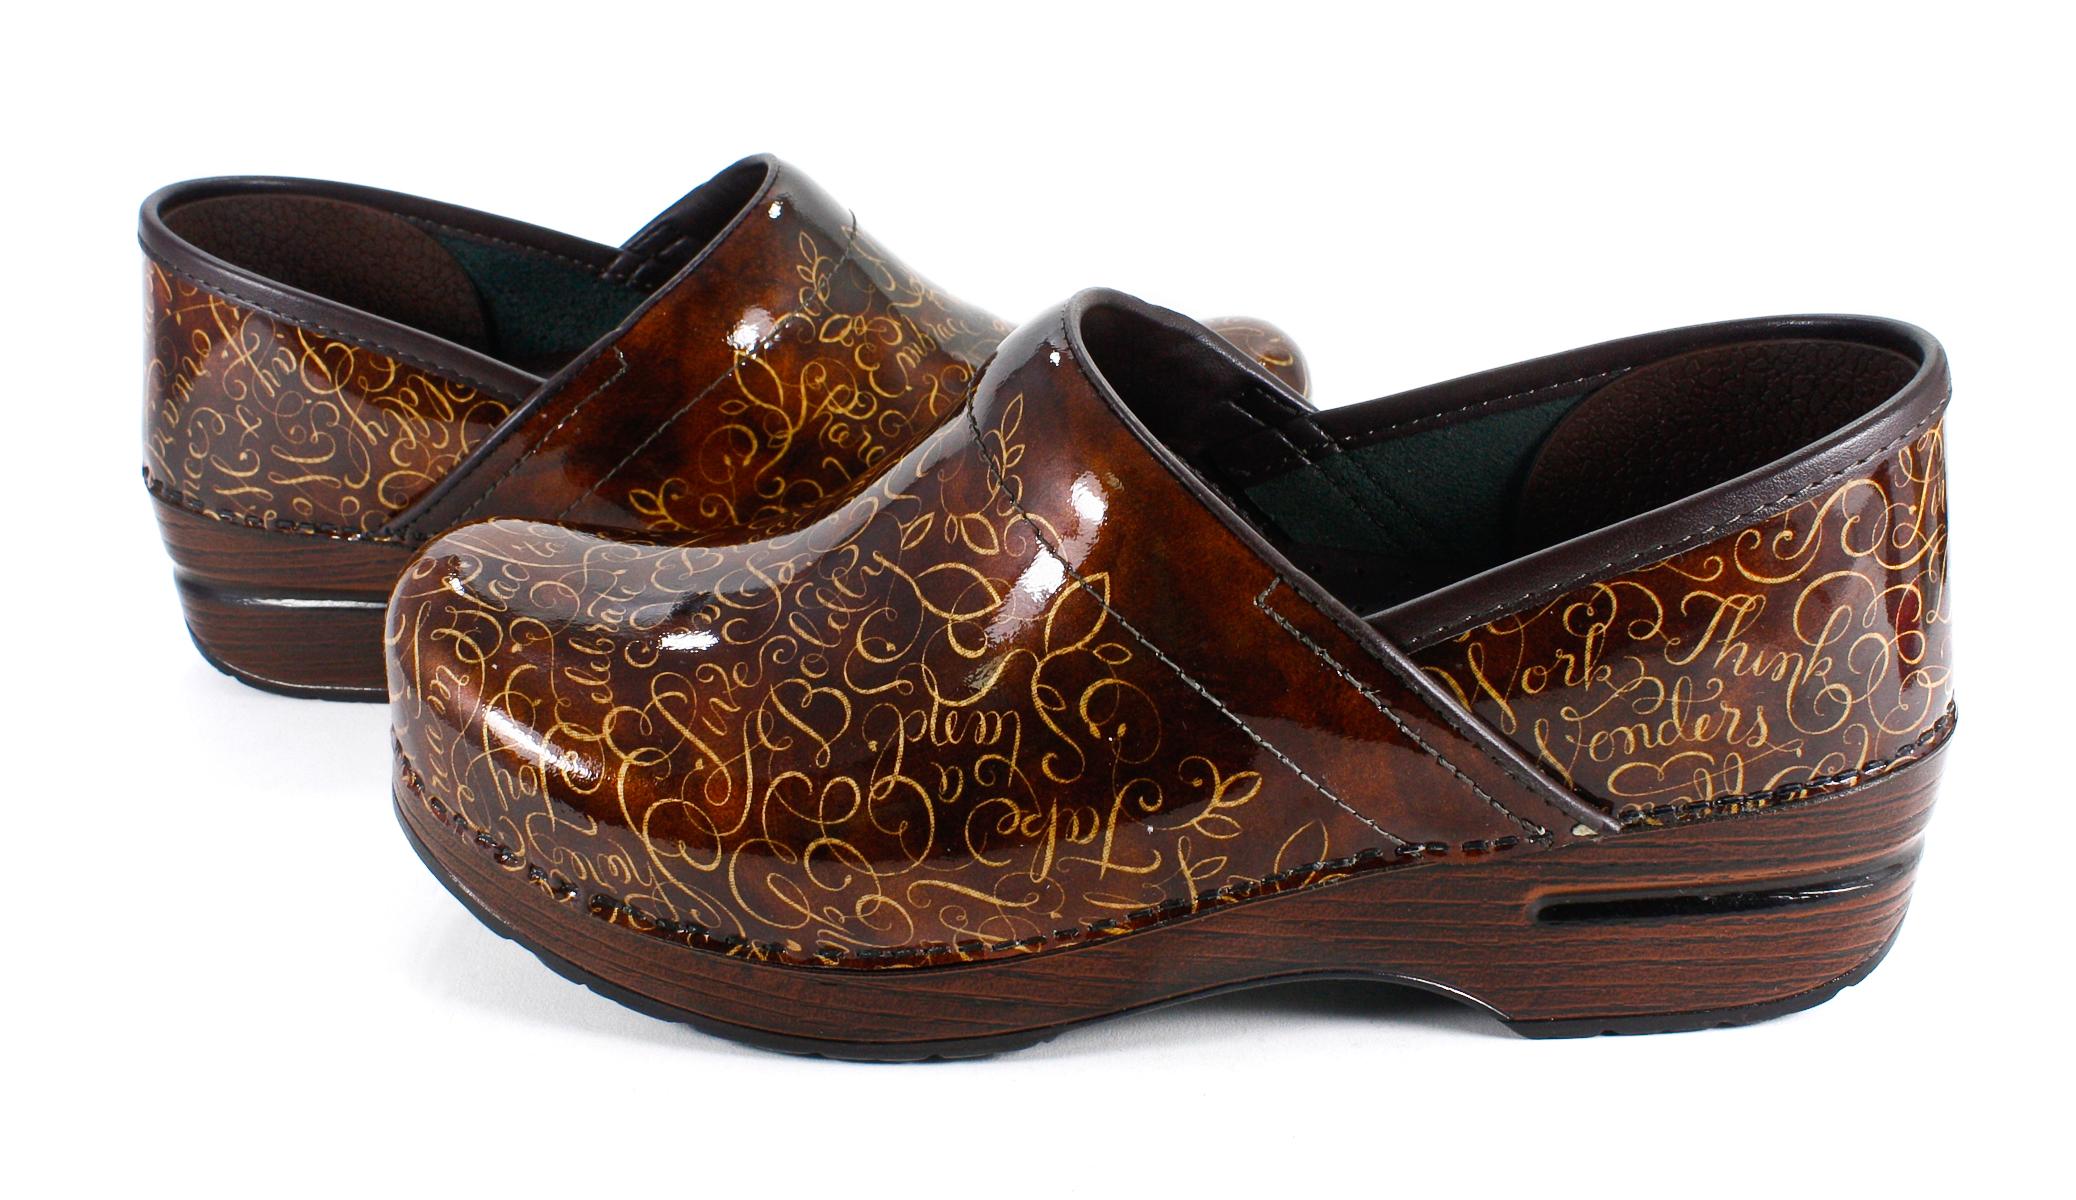 Dansko Womens Shoes M Width